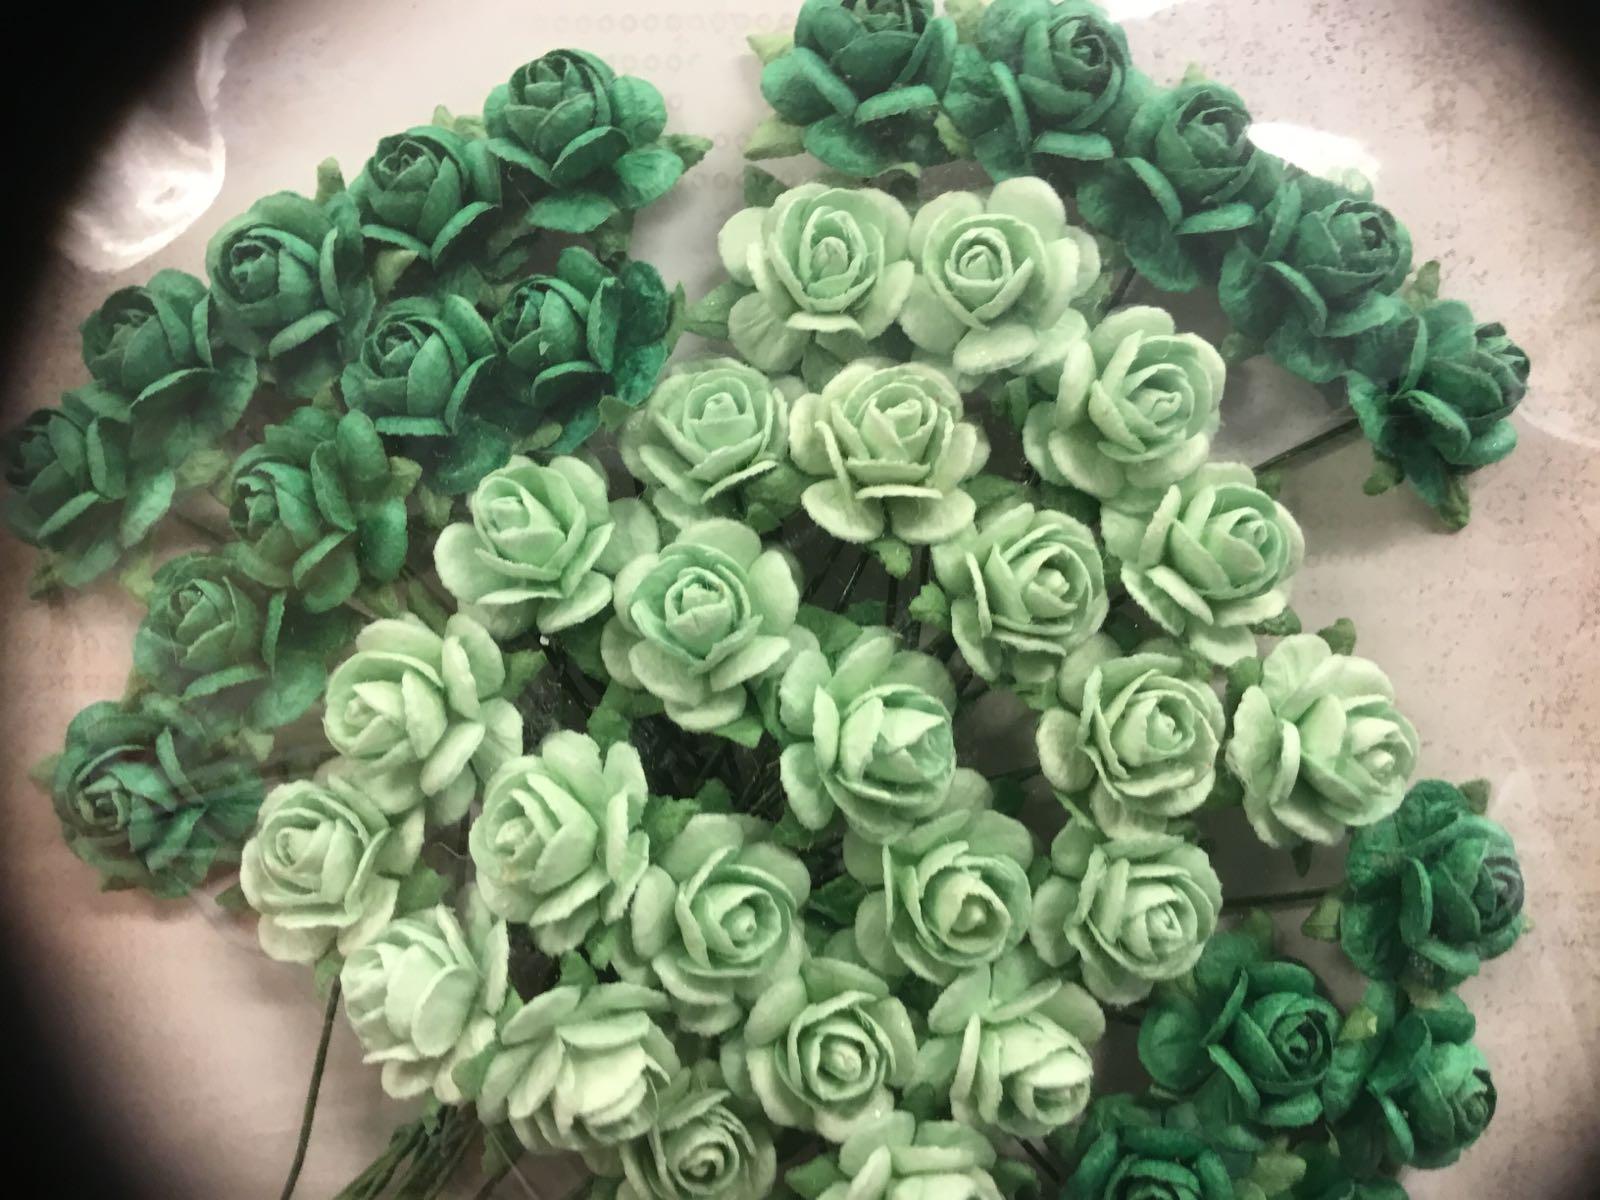 Papirdesign blomst, rose mørke-grønn/lyse-grønn, 1,2cm